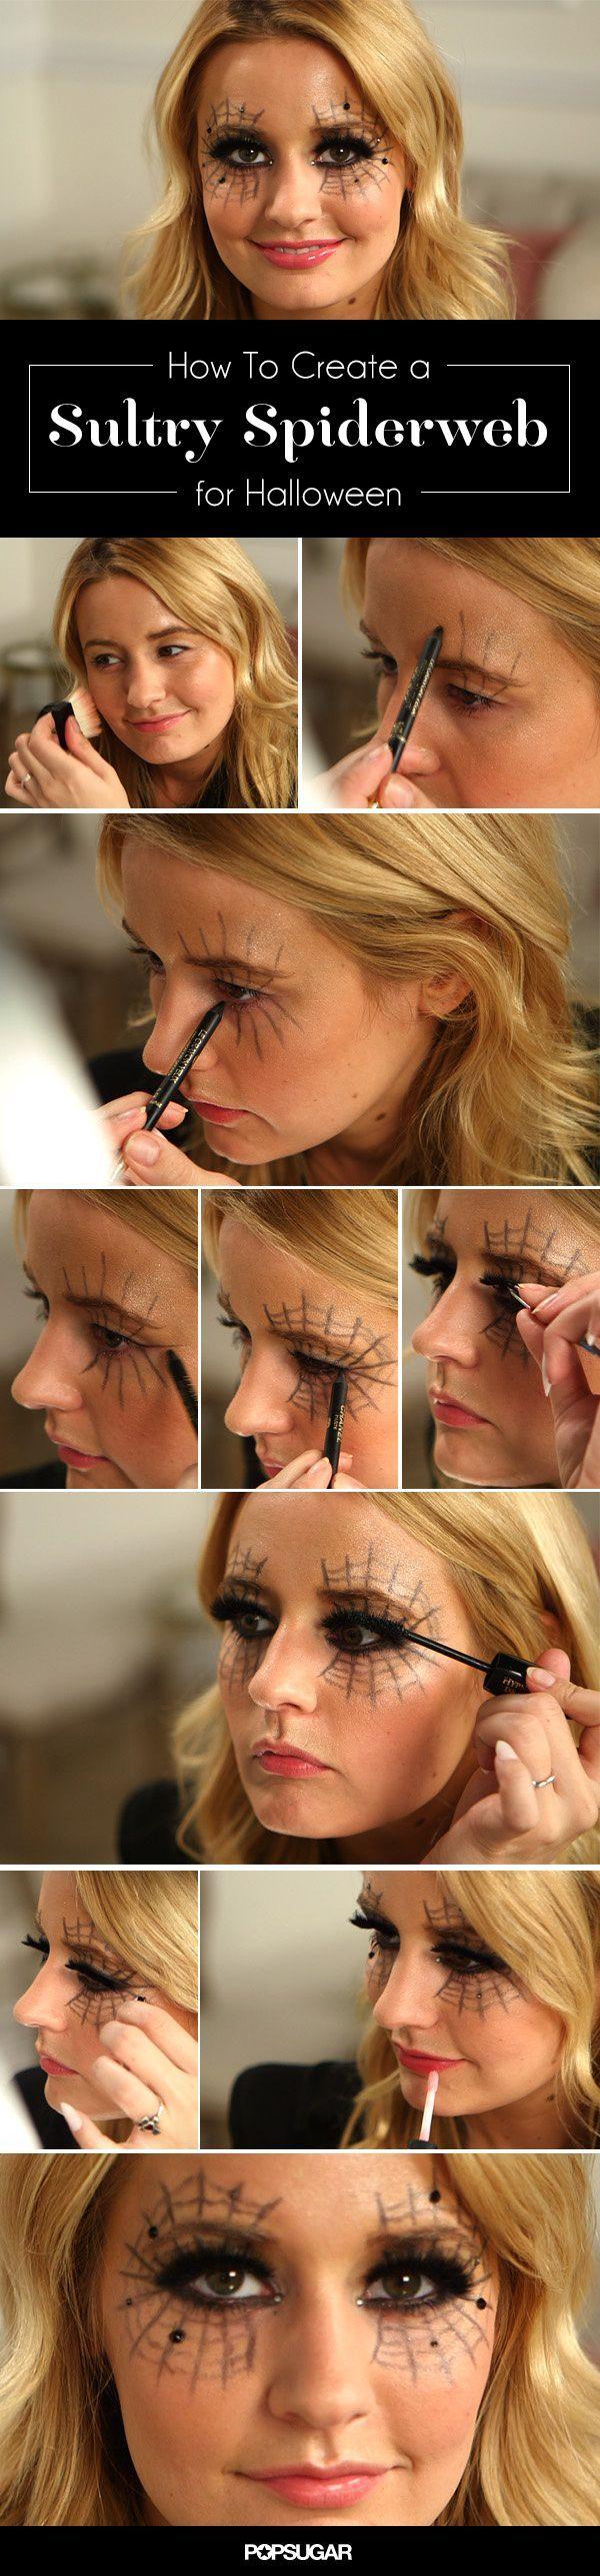 DIY Halloween Sultry Spiderweb Makeup Tutorial✂ #DIY #Fun #Crafts